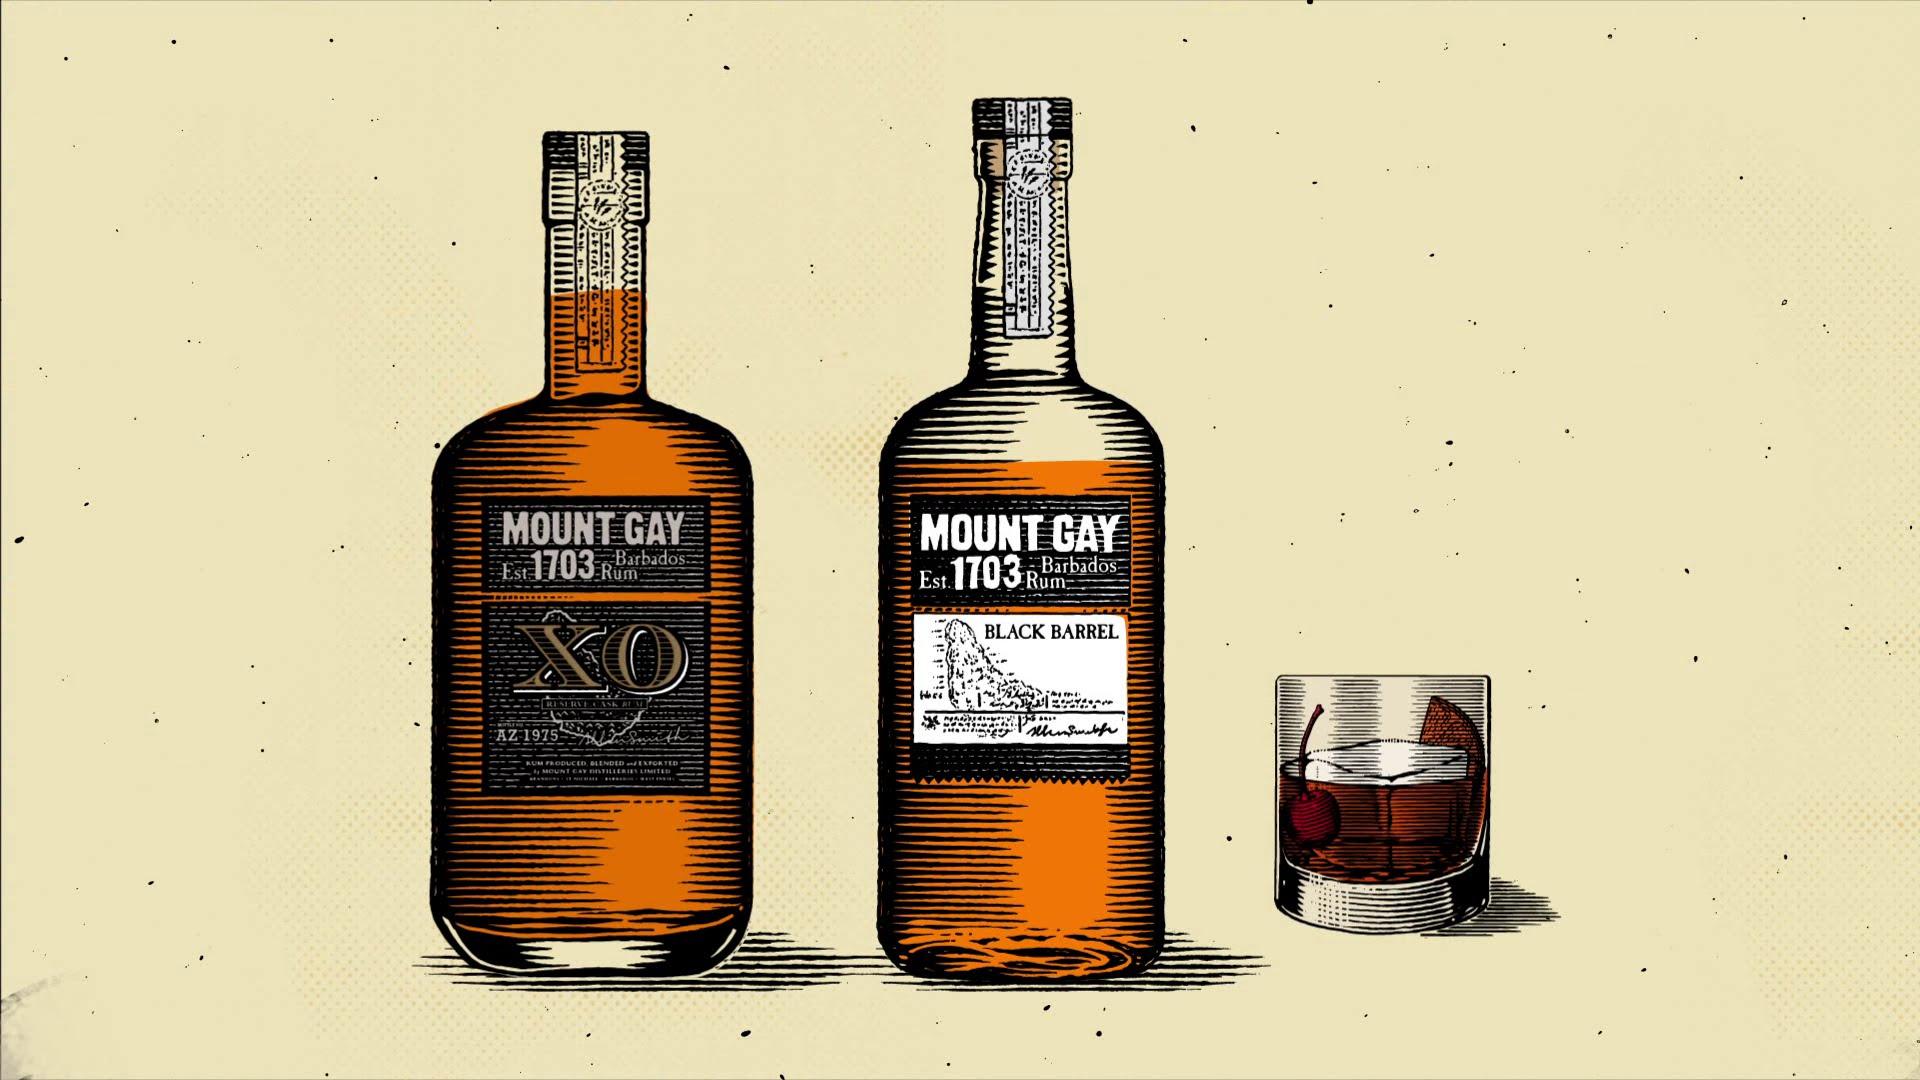 mount-gay-rum-wallpapers-30727-1168837.jpg